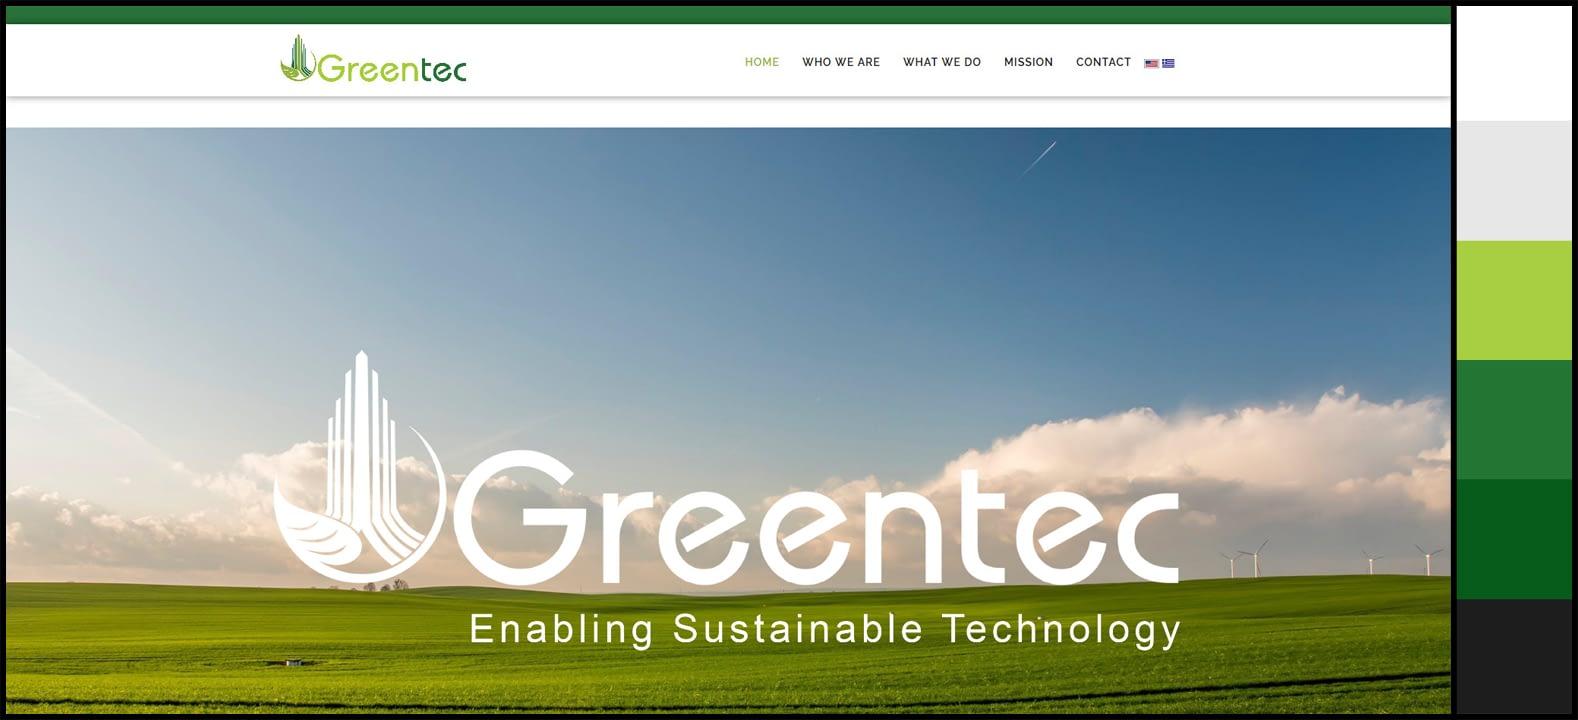 Greentec